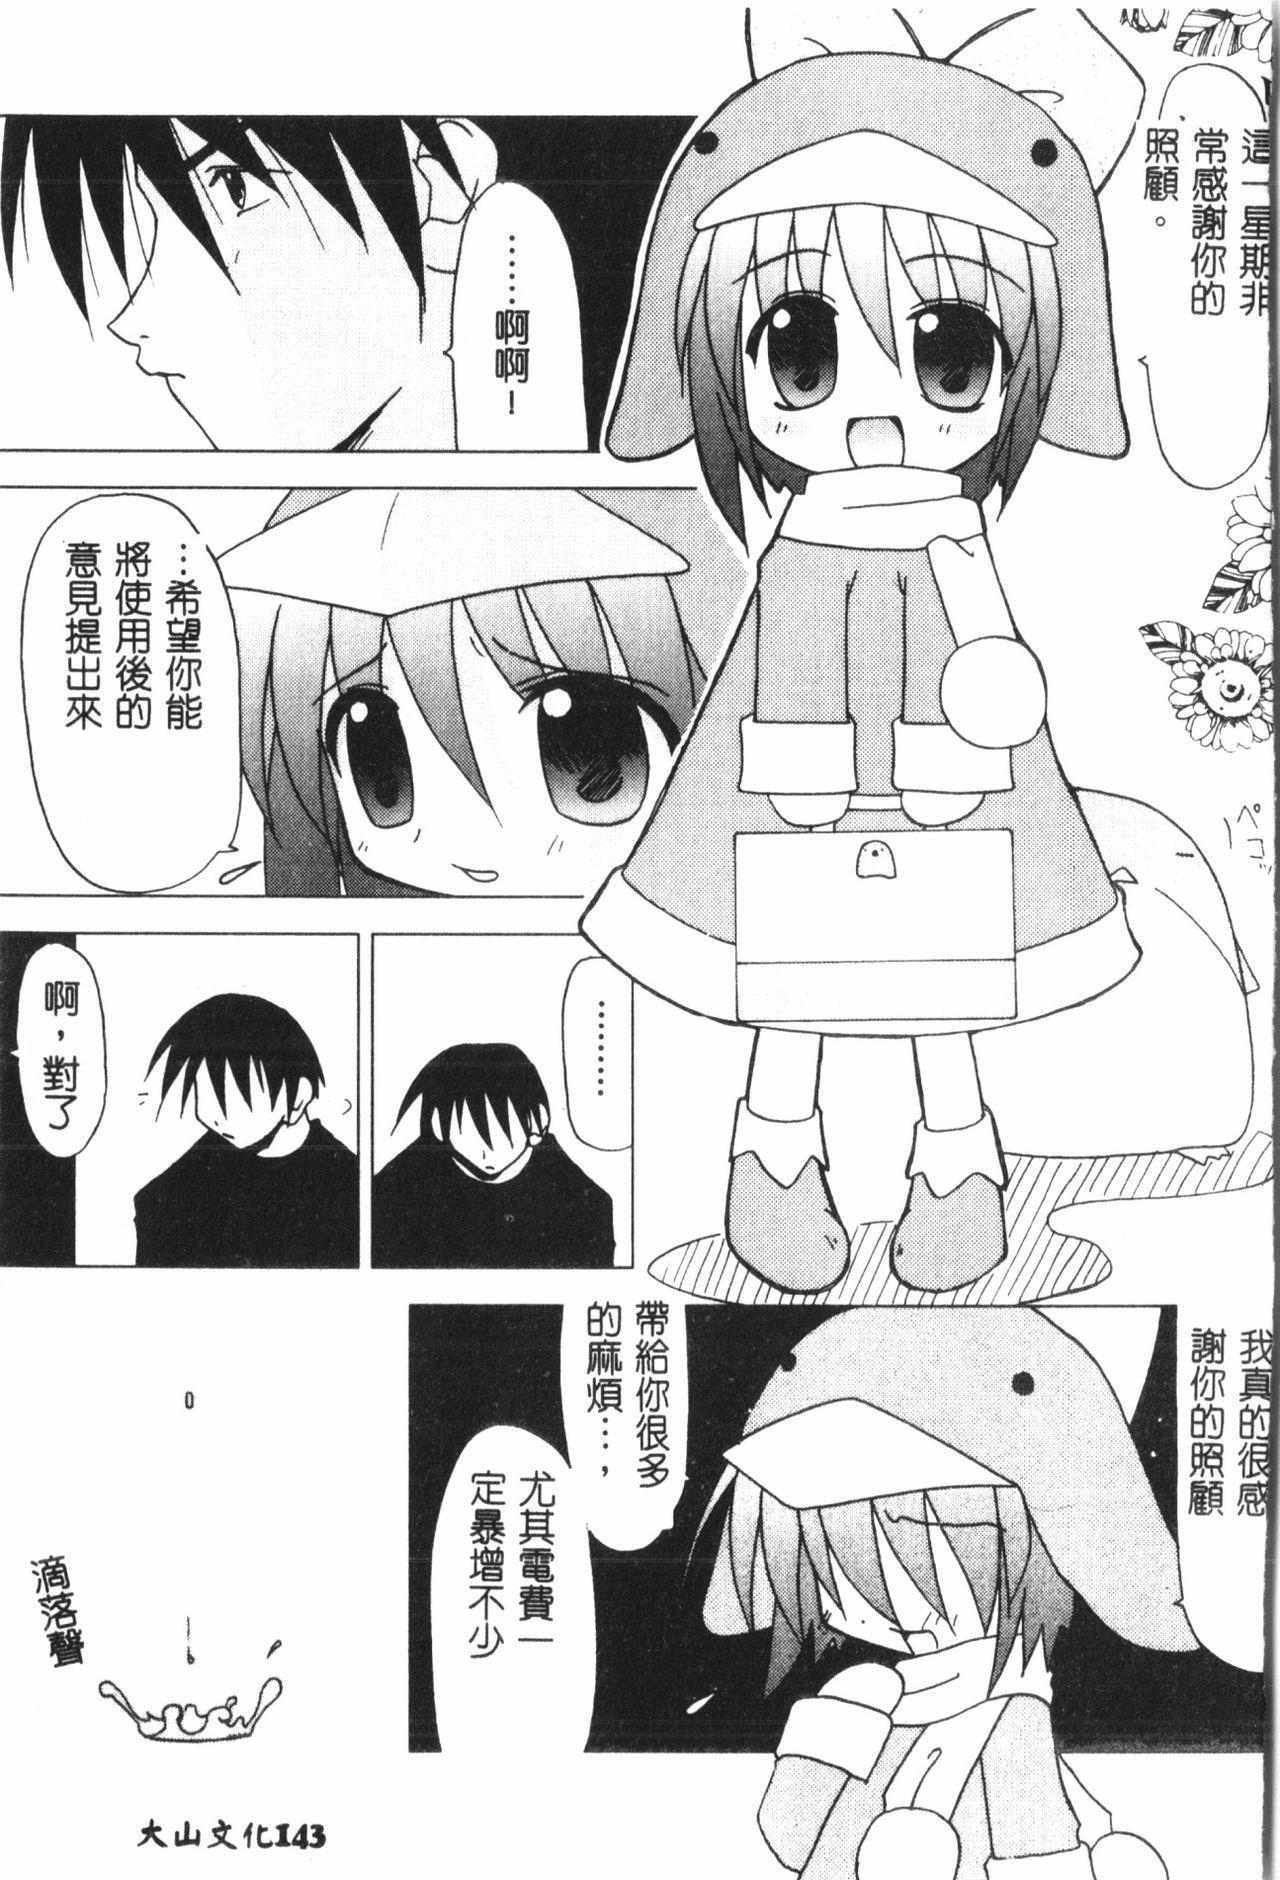 Naru Hina Plus 3 143